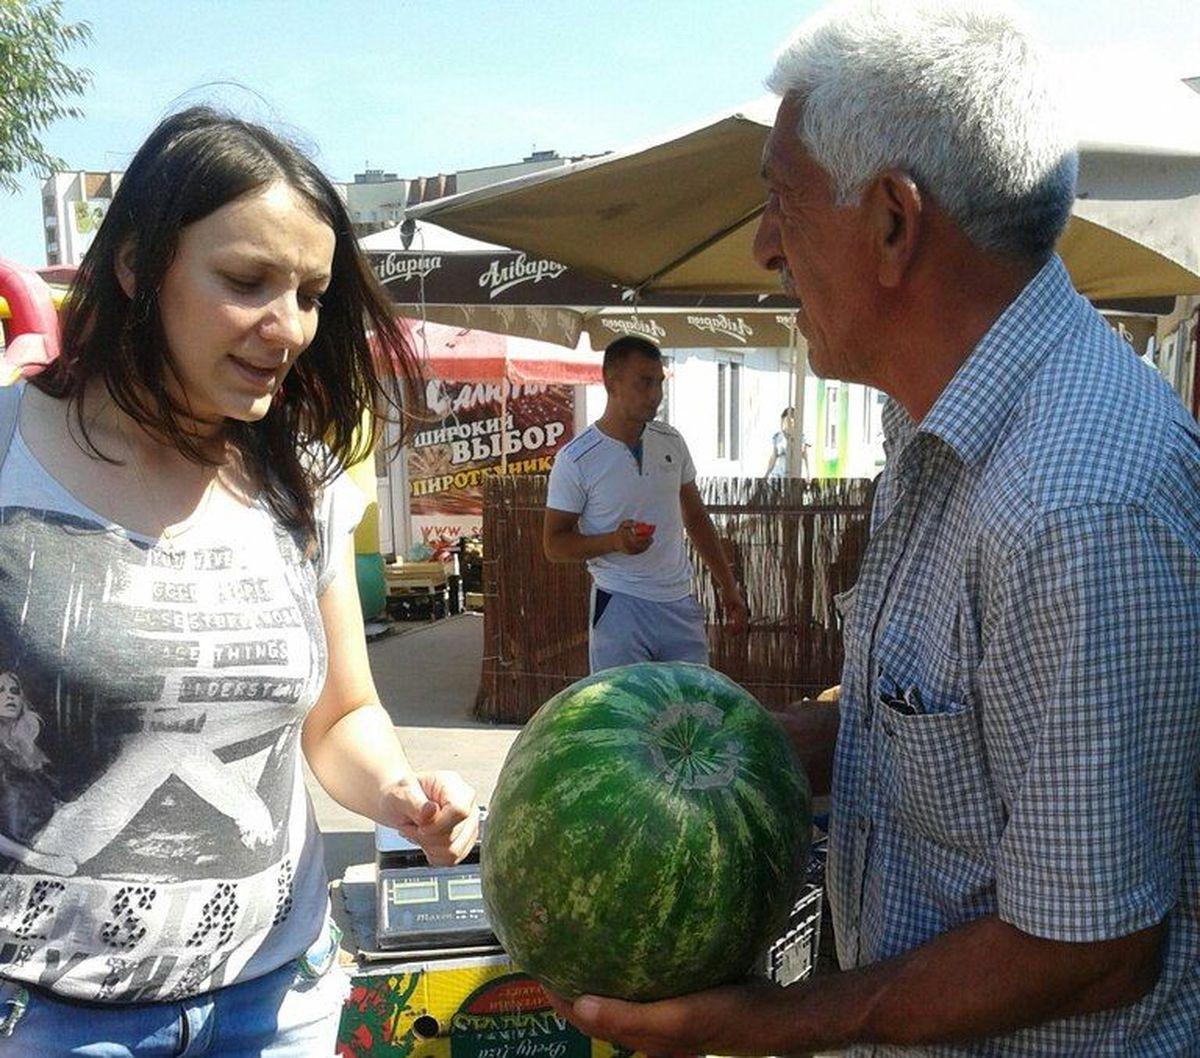 Продавец Михаил считает, что стучать по арбузу нет смысла – лучше просто купить арбуз тяжелее 5 кг